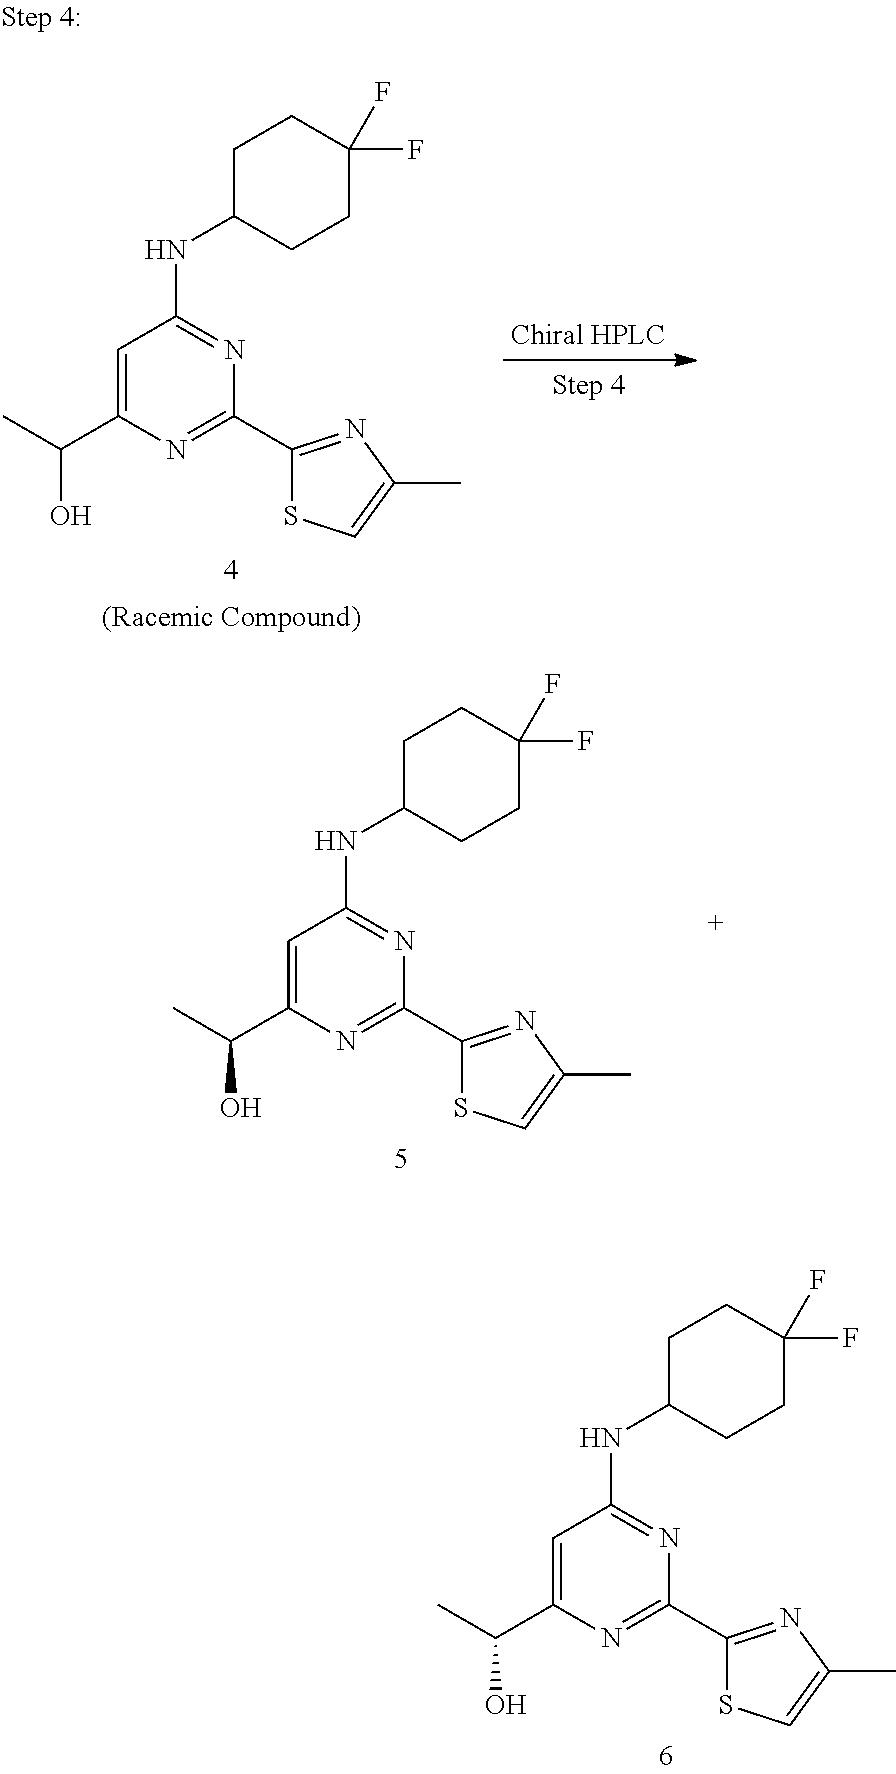 Figure US09975886-20180522-C00022